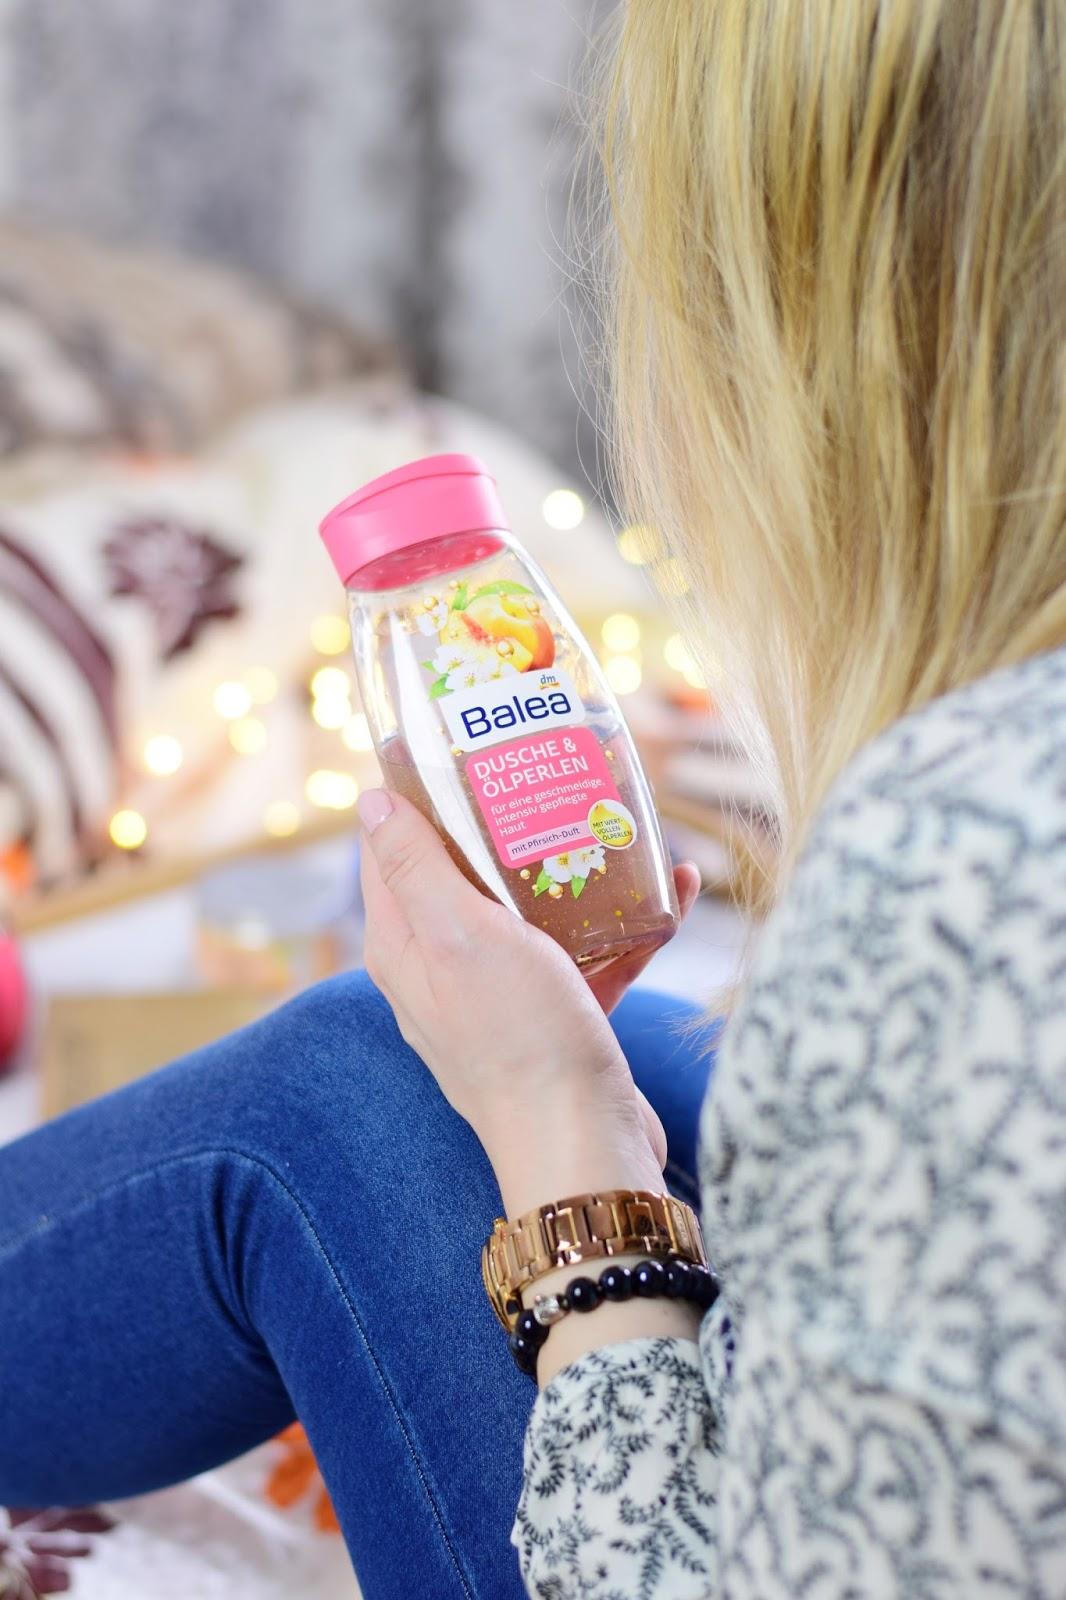 Balea, Żel z perełkami oleju o zapachu brzoskwini | Mademoiselle Magdalene Blog: Uroda | Kosmetyki | Makijaż | Moda | Lifestyle